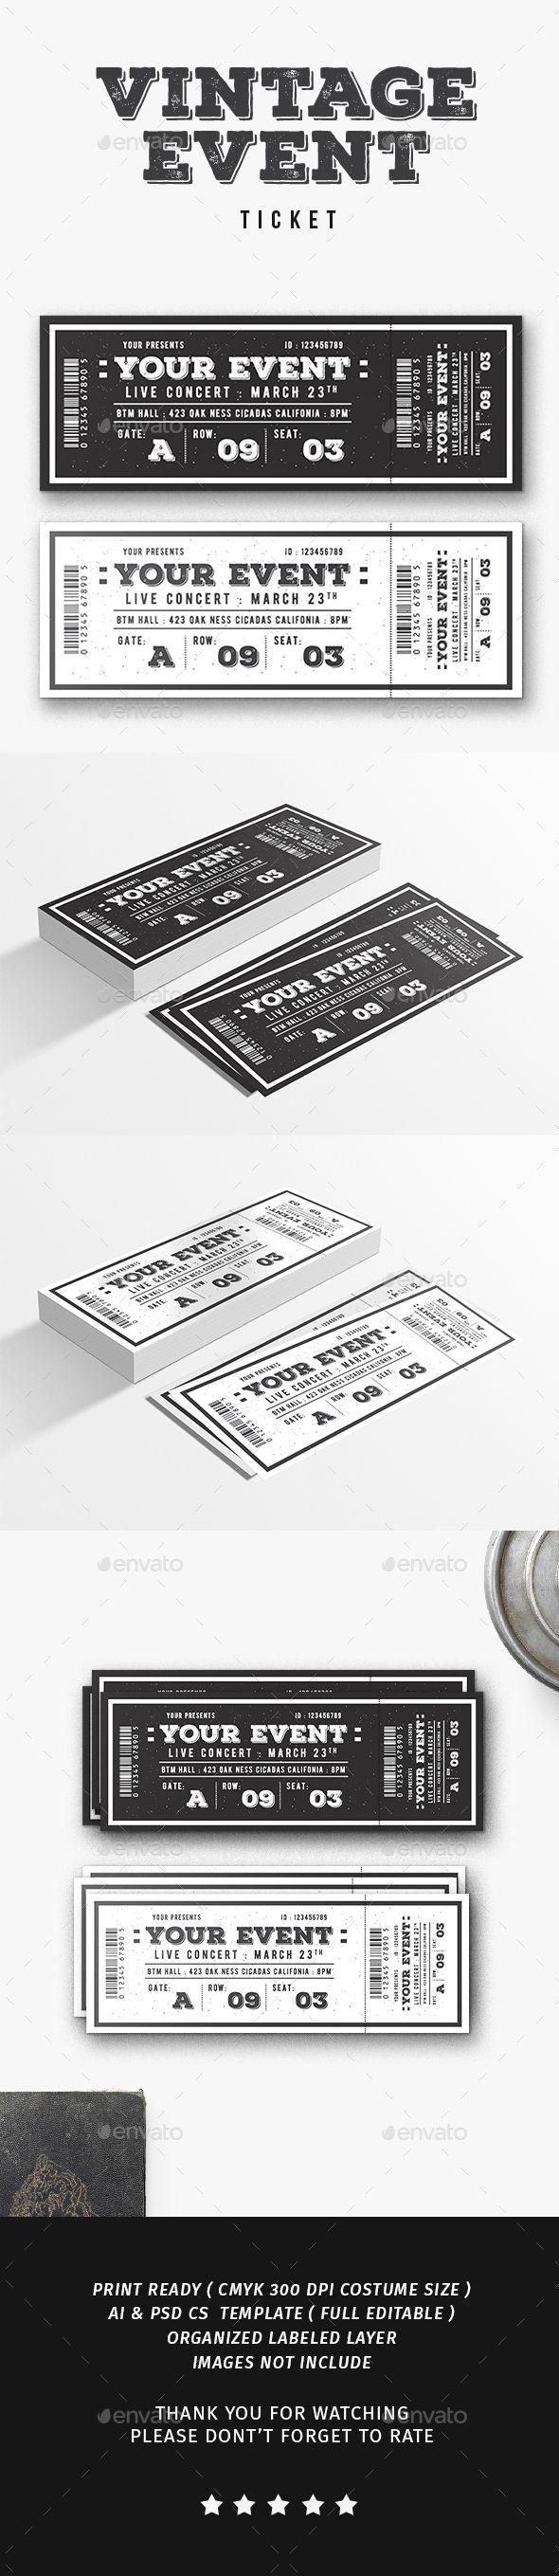 Poster design online free download - Design Event Poster Online Free Vintage Event Ticket Download